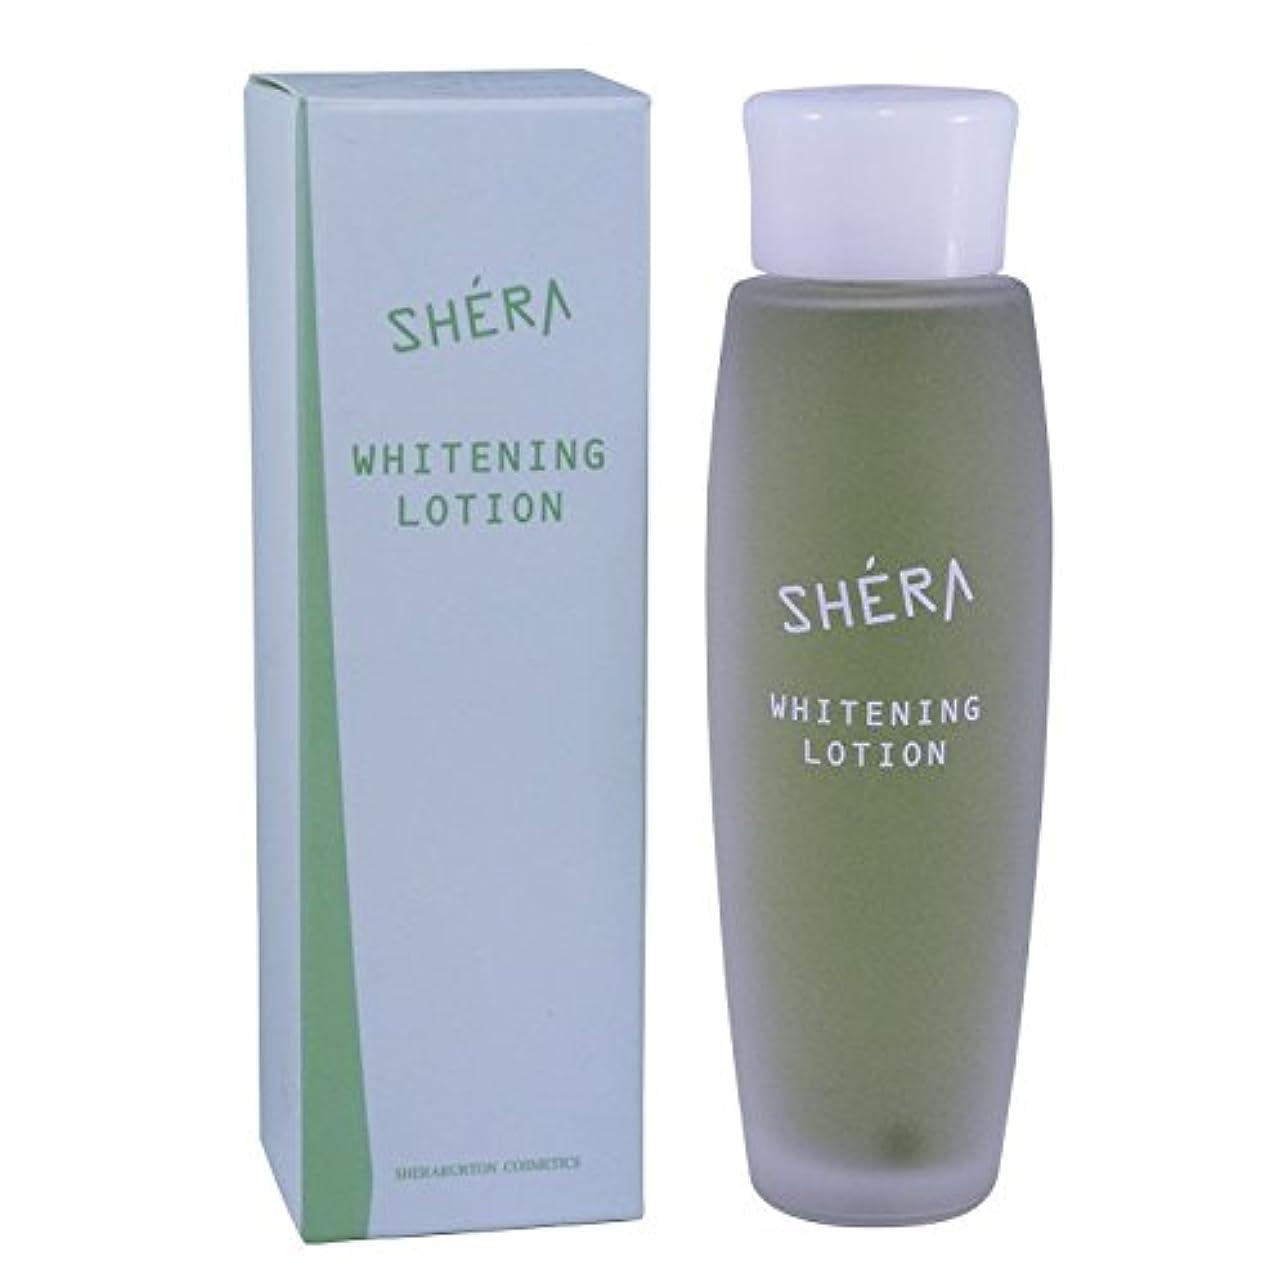 発音宣伝オーバーフローSHERA シェラバートン whitening lotionしっとり100ml